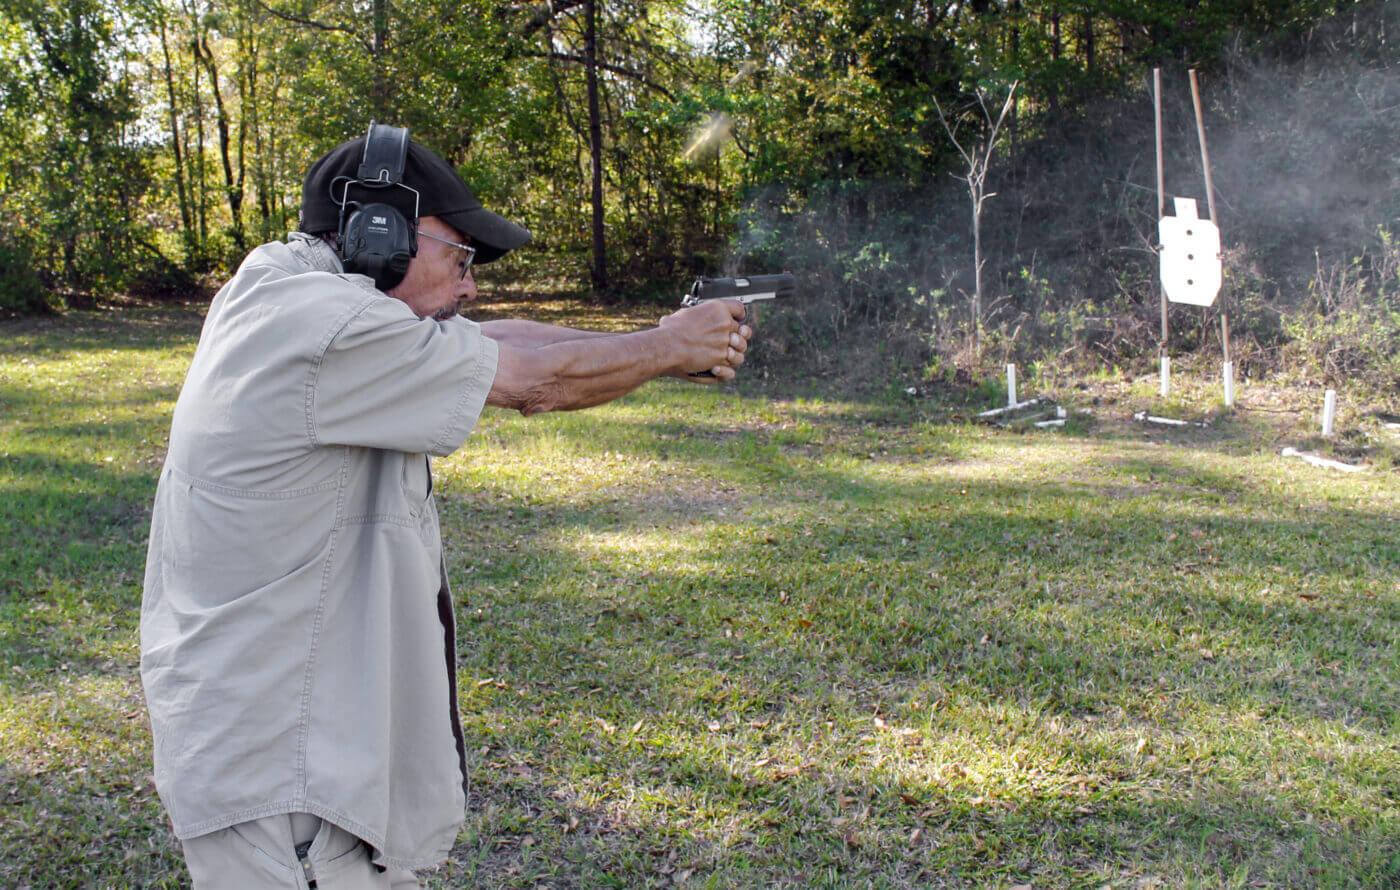 Massad Ayoob shooting a Ronin